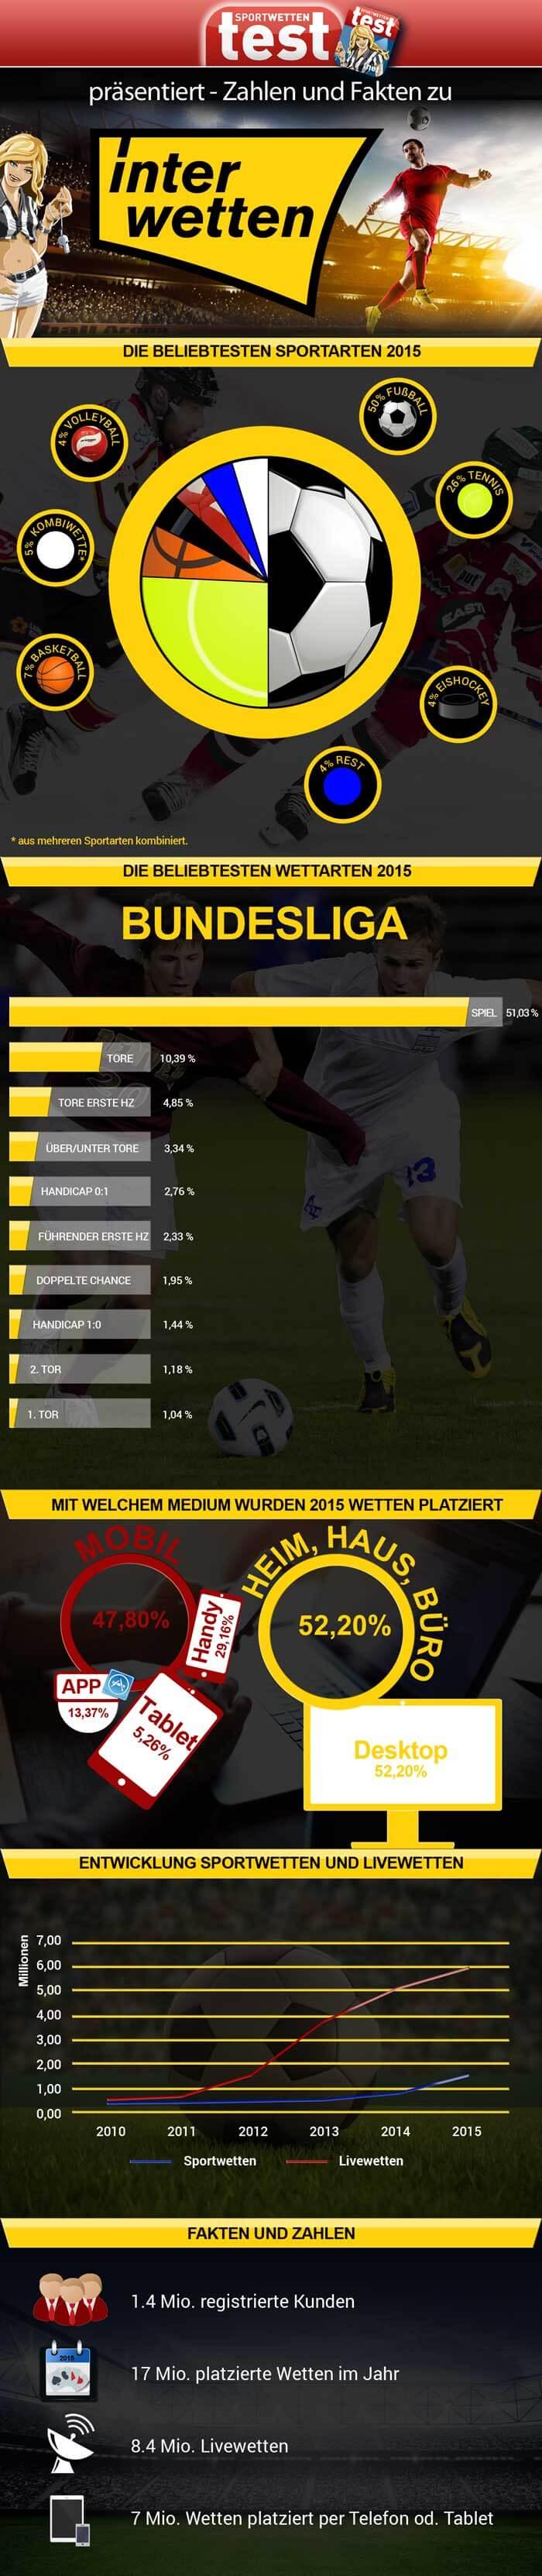 Infografik Interwetten Zahlen und Fakten sportwettentest.net